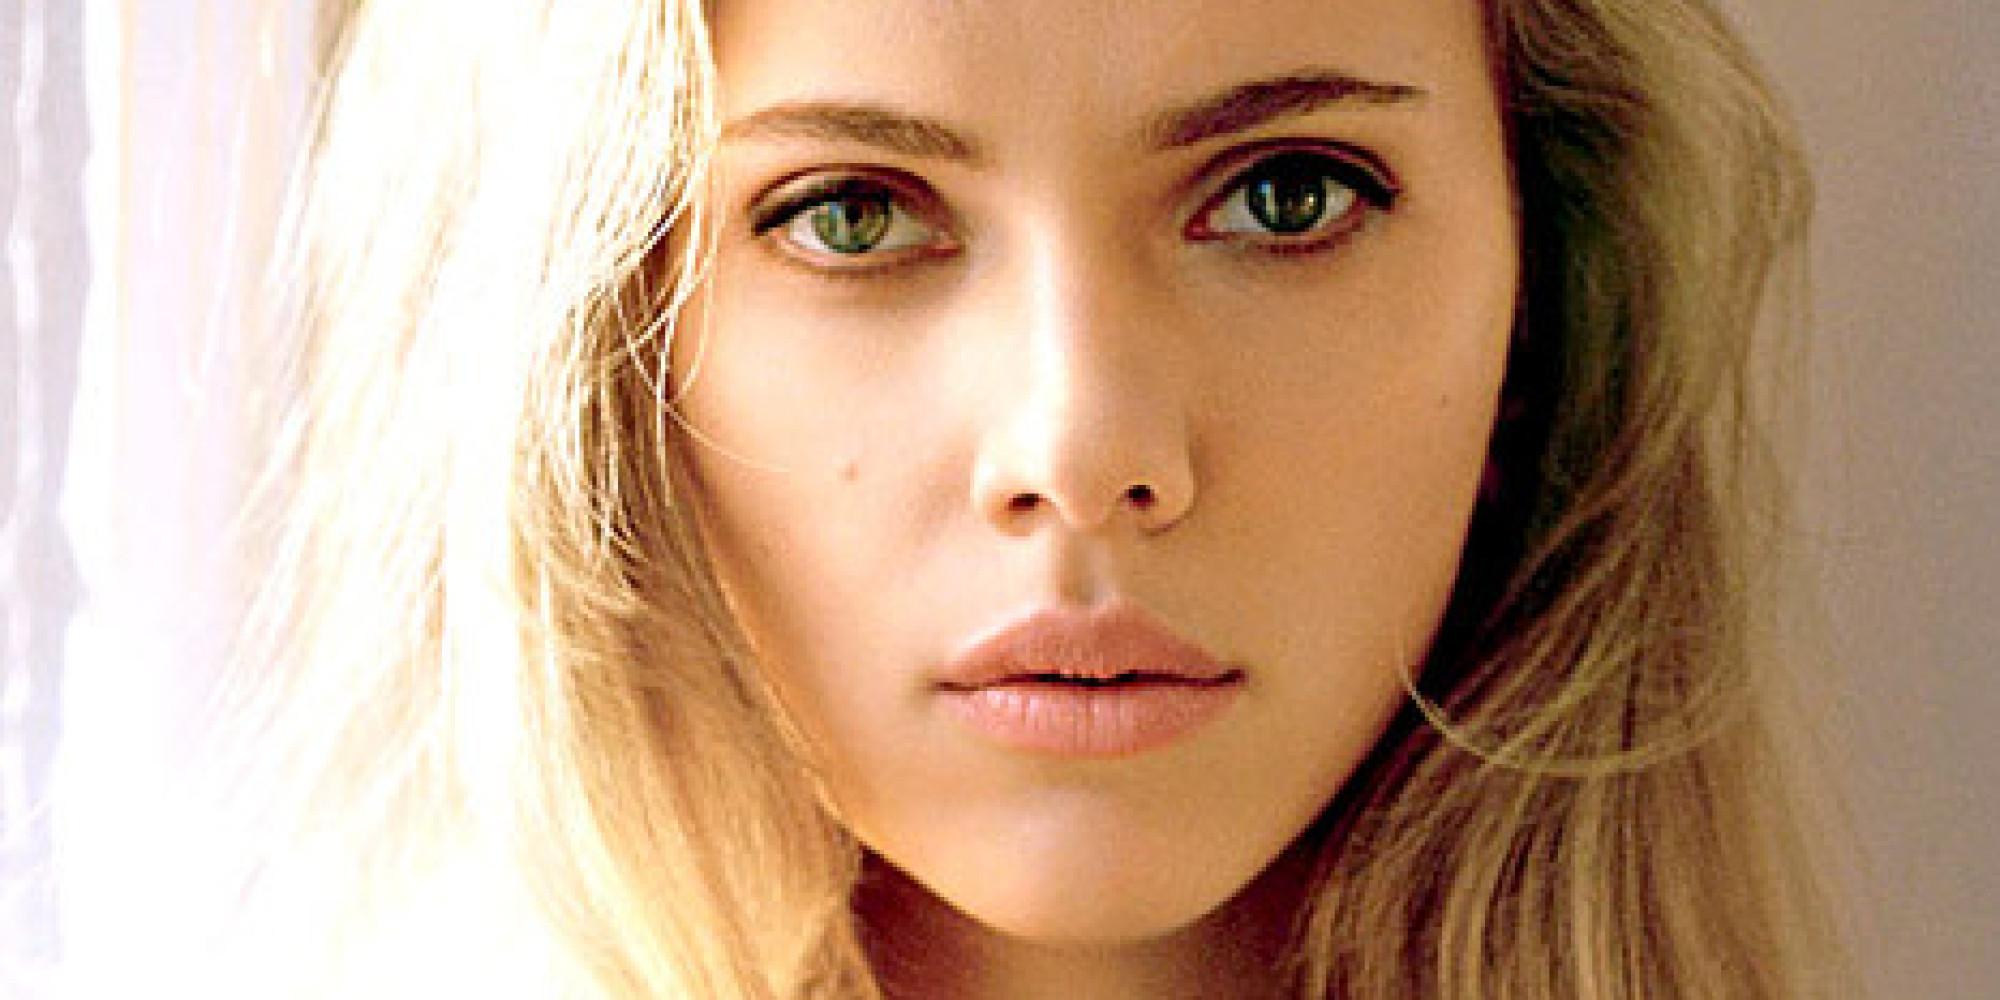 Hot Scarlett Johansson Wallpaper Hd